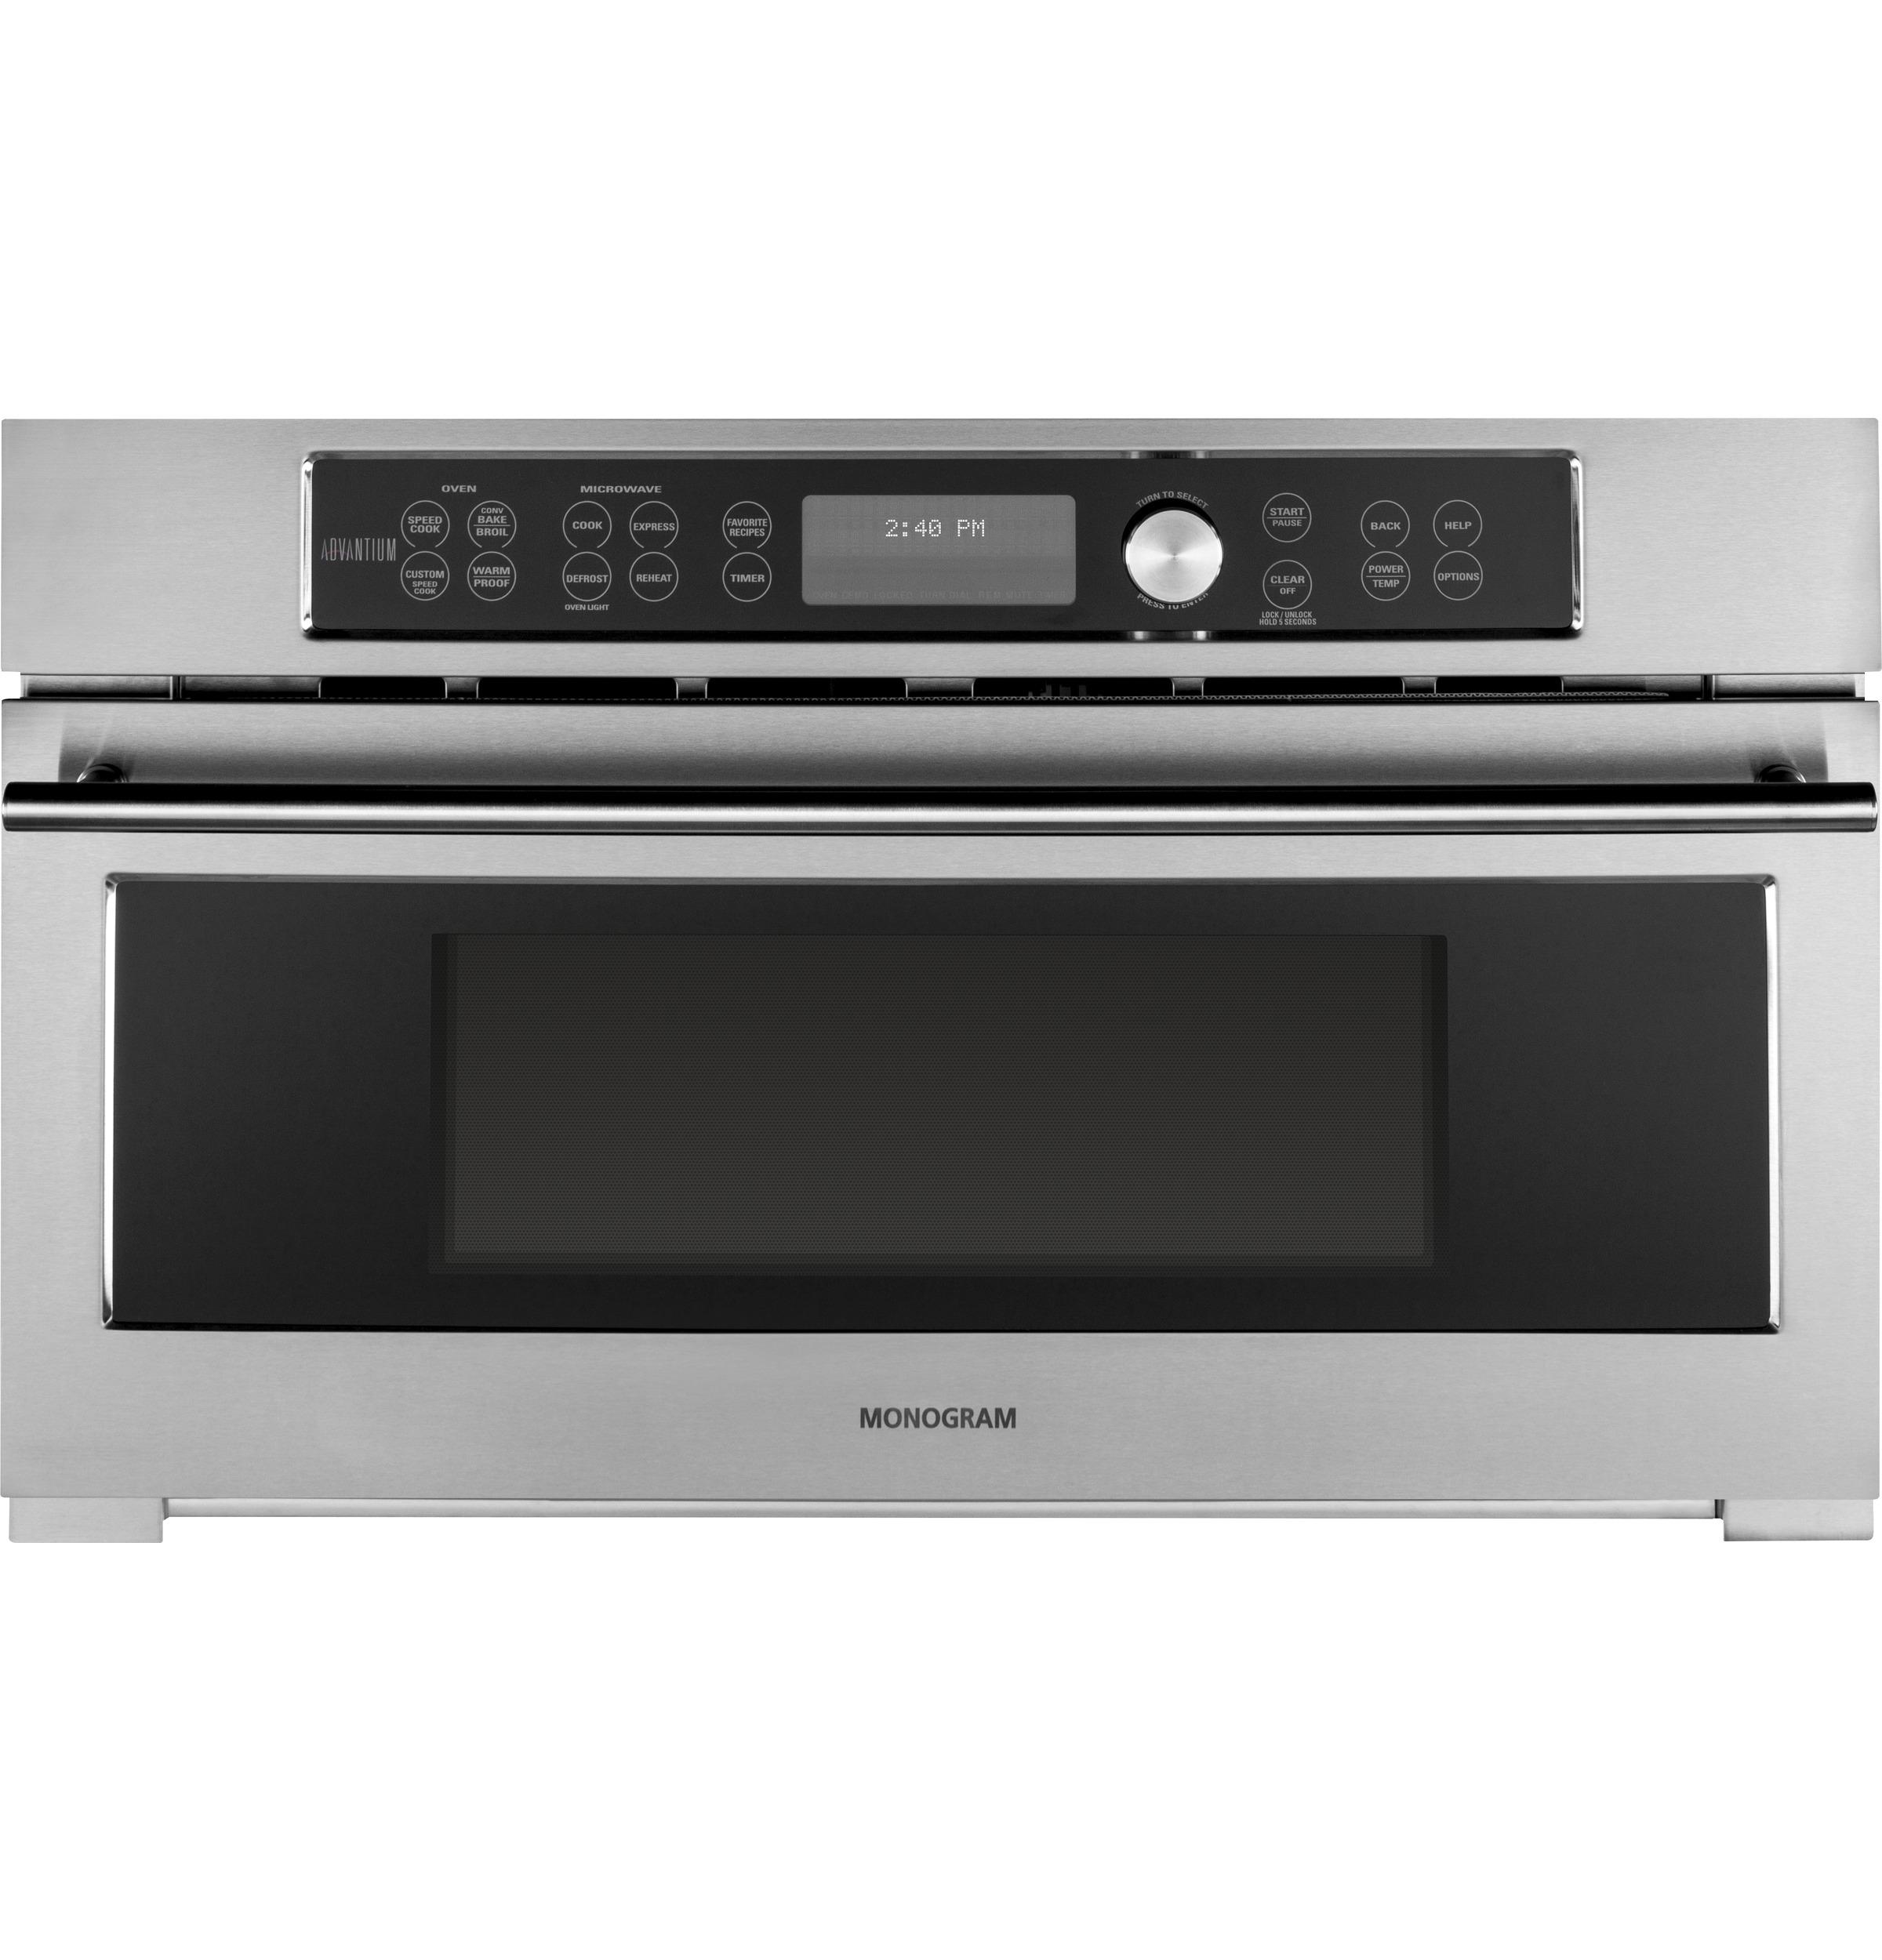 Model: ZSC1201JSS   Monogram Built-In Oven with Advantium® Speedcook Technology- 120V